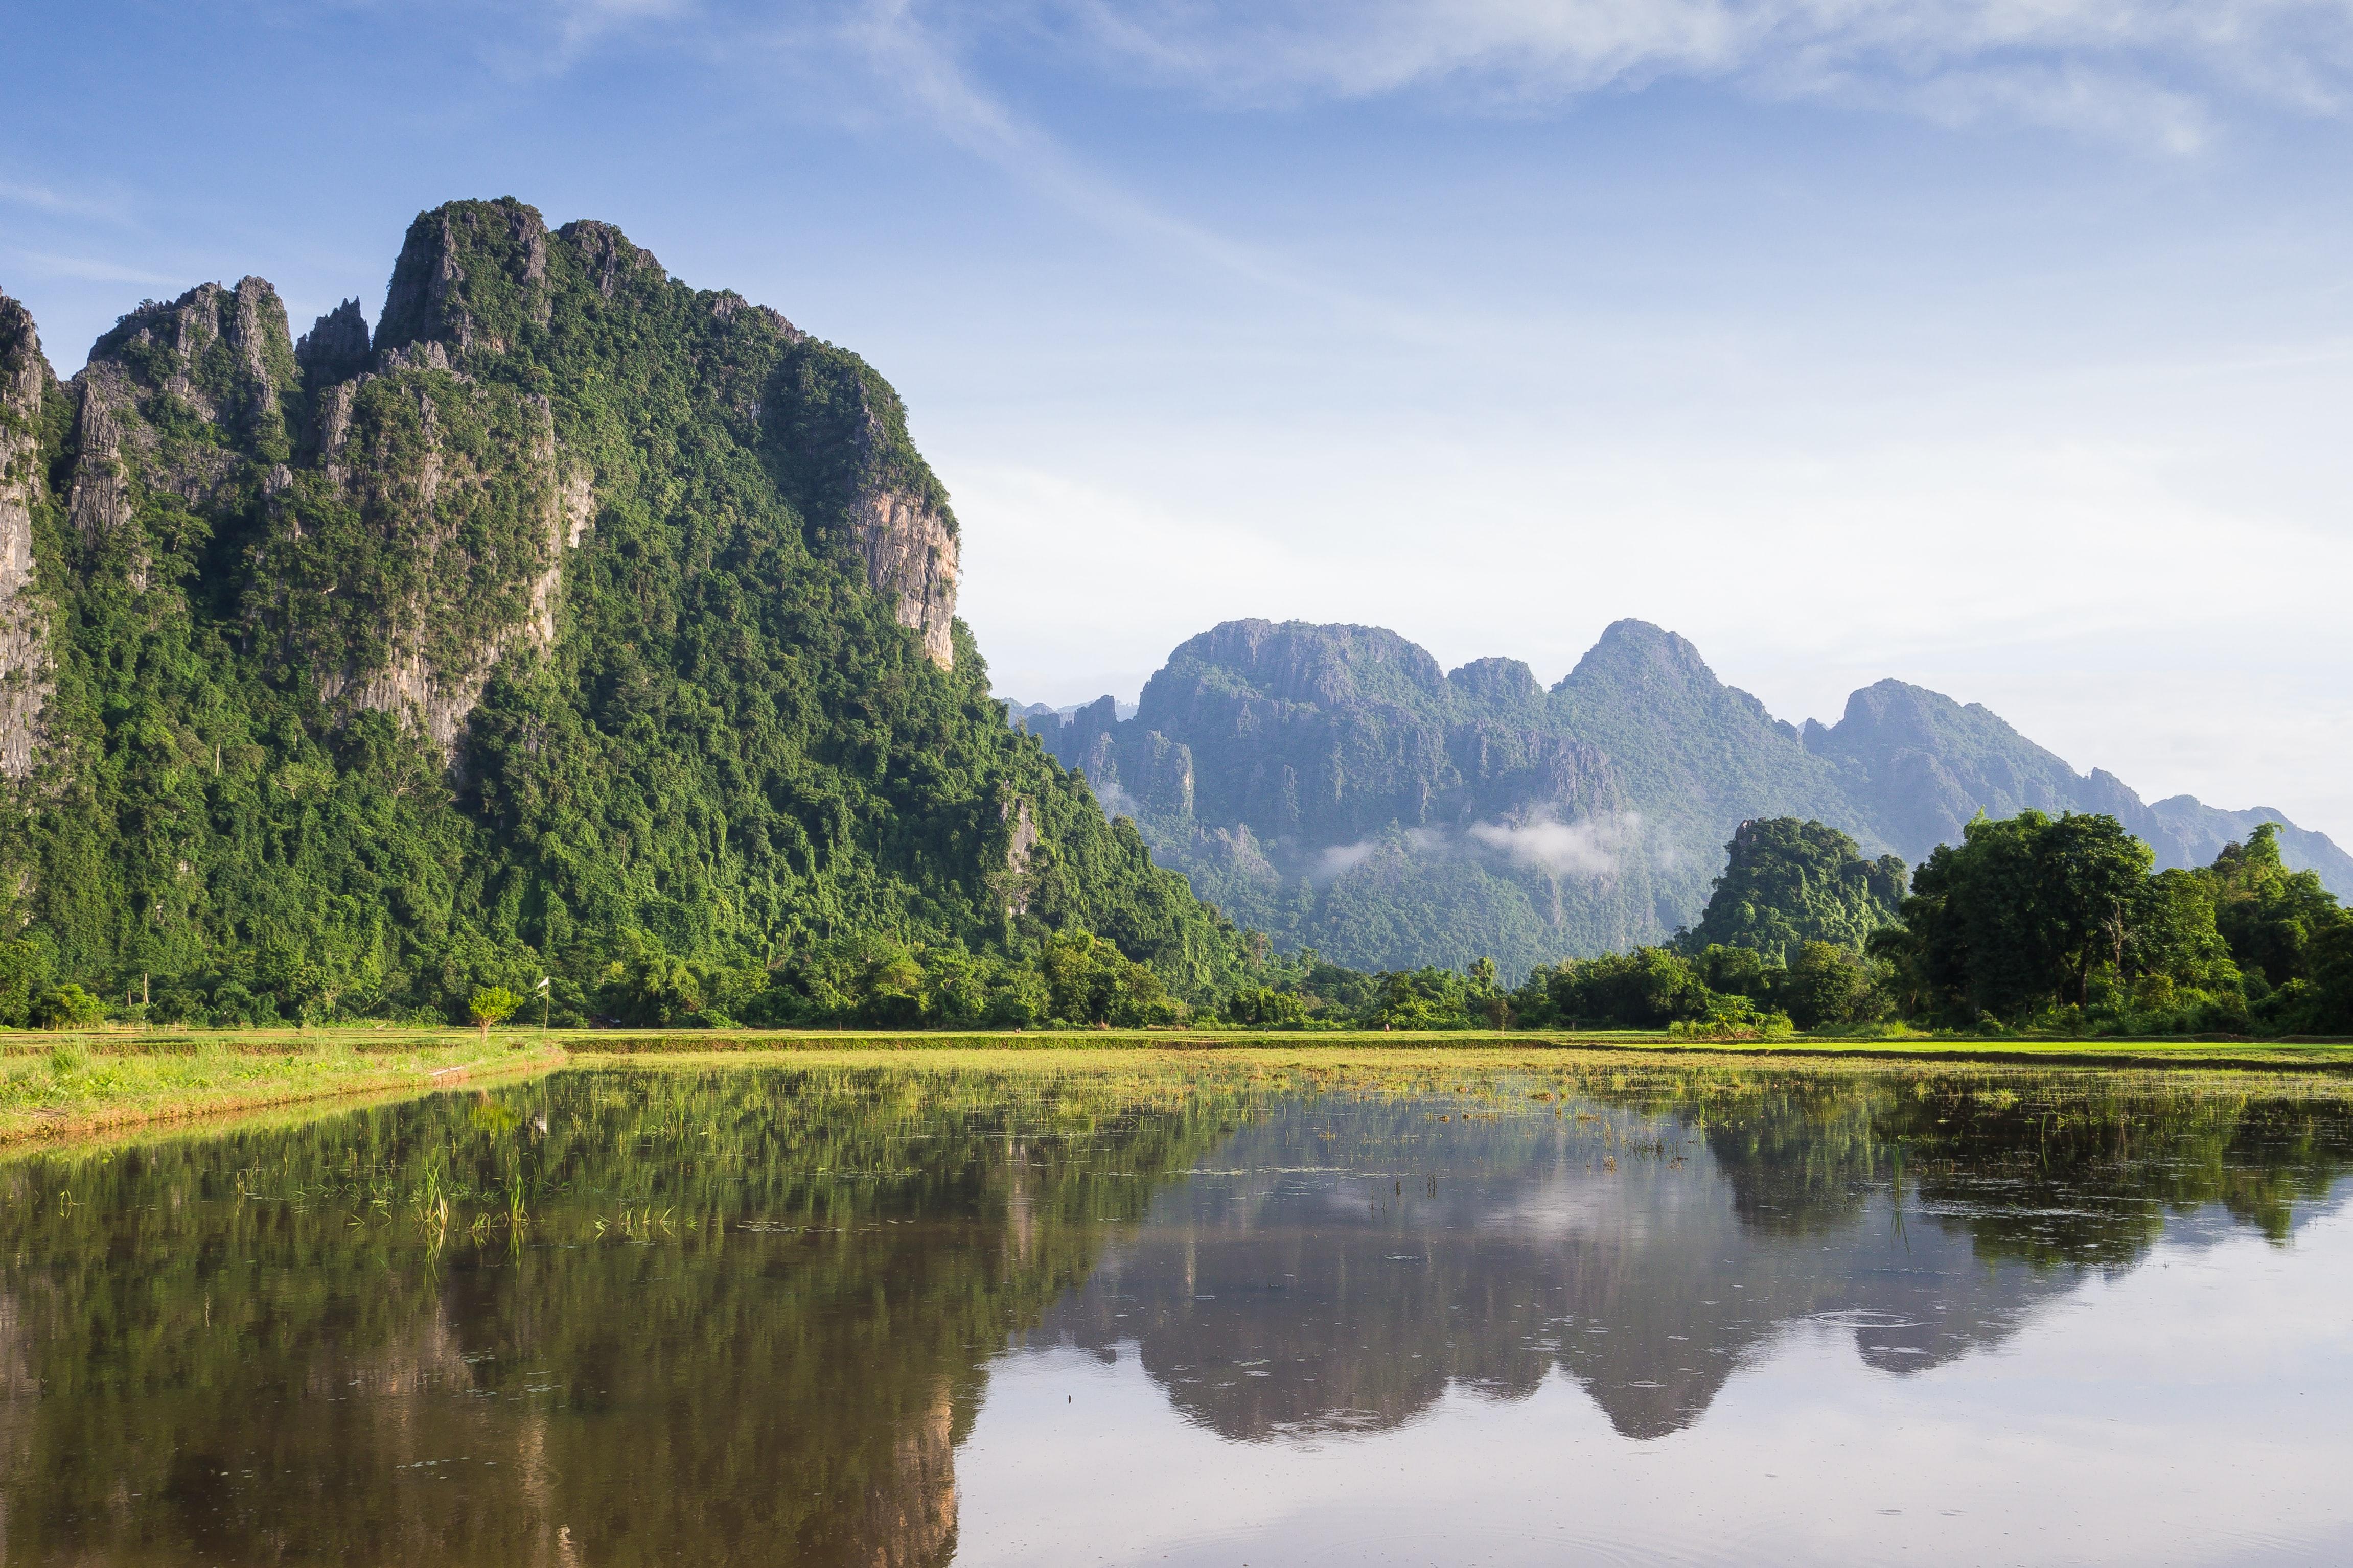 Las 5 mejores cosas que hacer en Vang Vieng, Laos